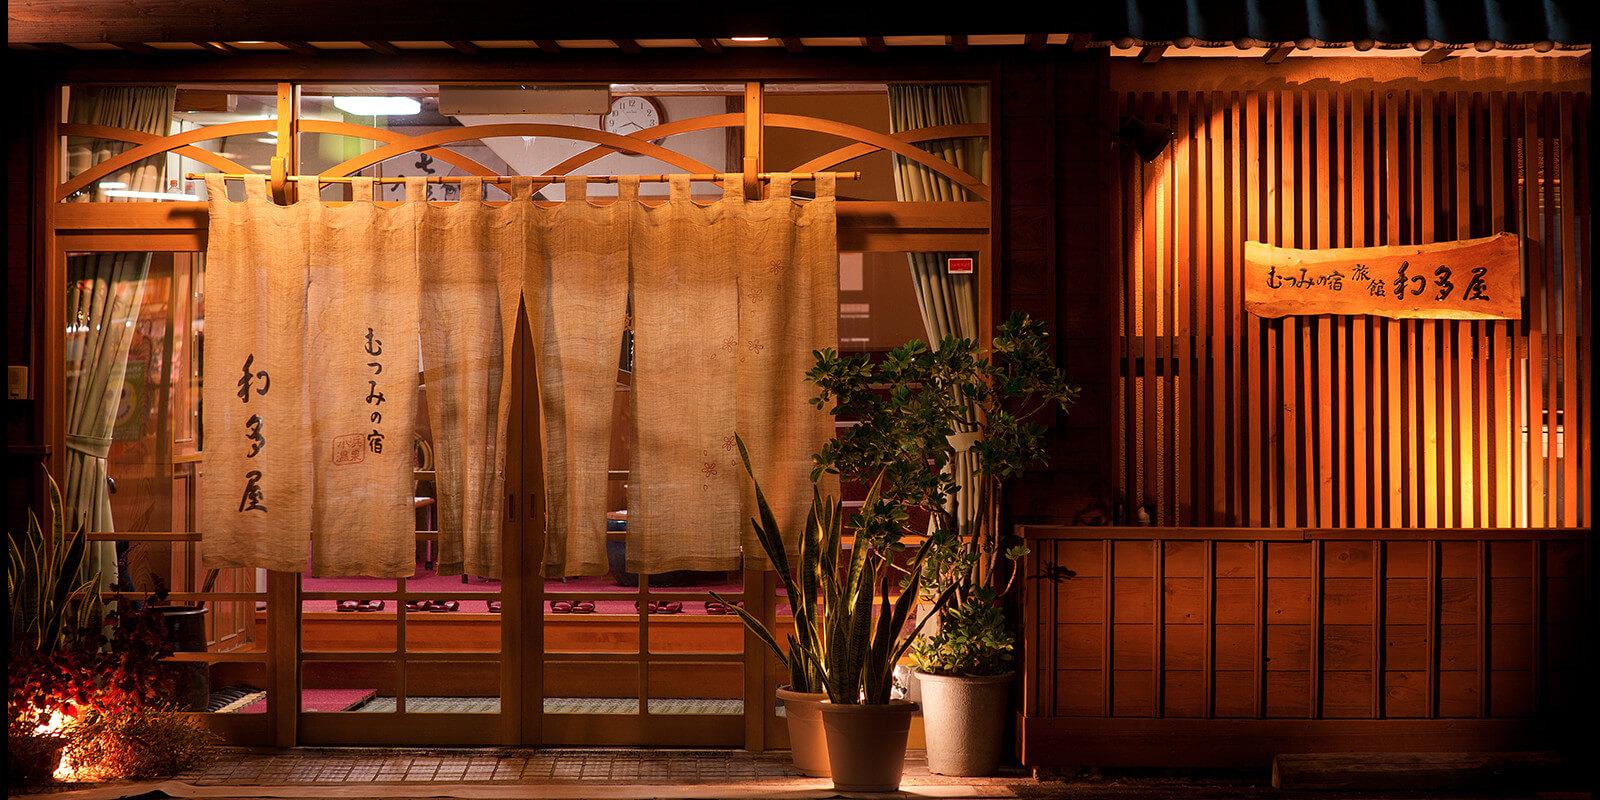 人の温かみに溢れる雲仙小浜温泉 むつみの宿「和多屋」